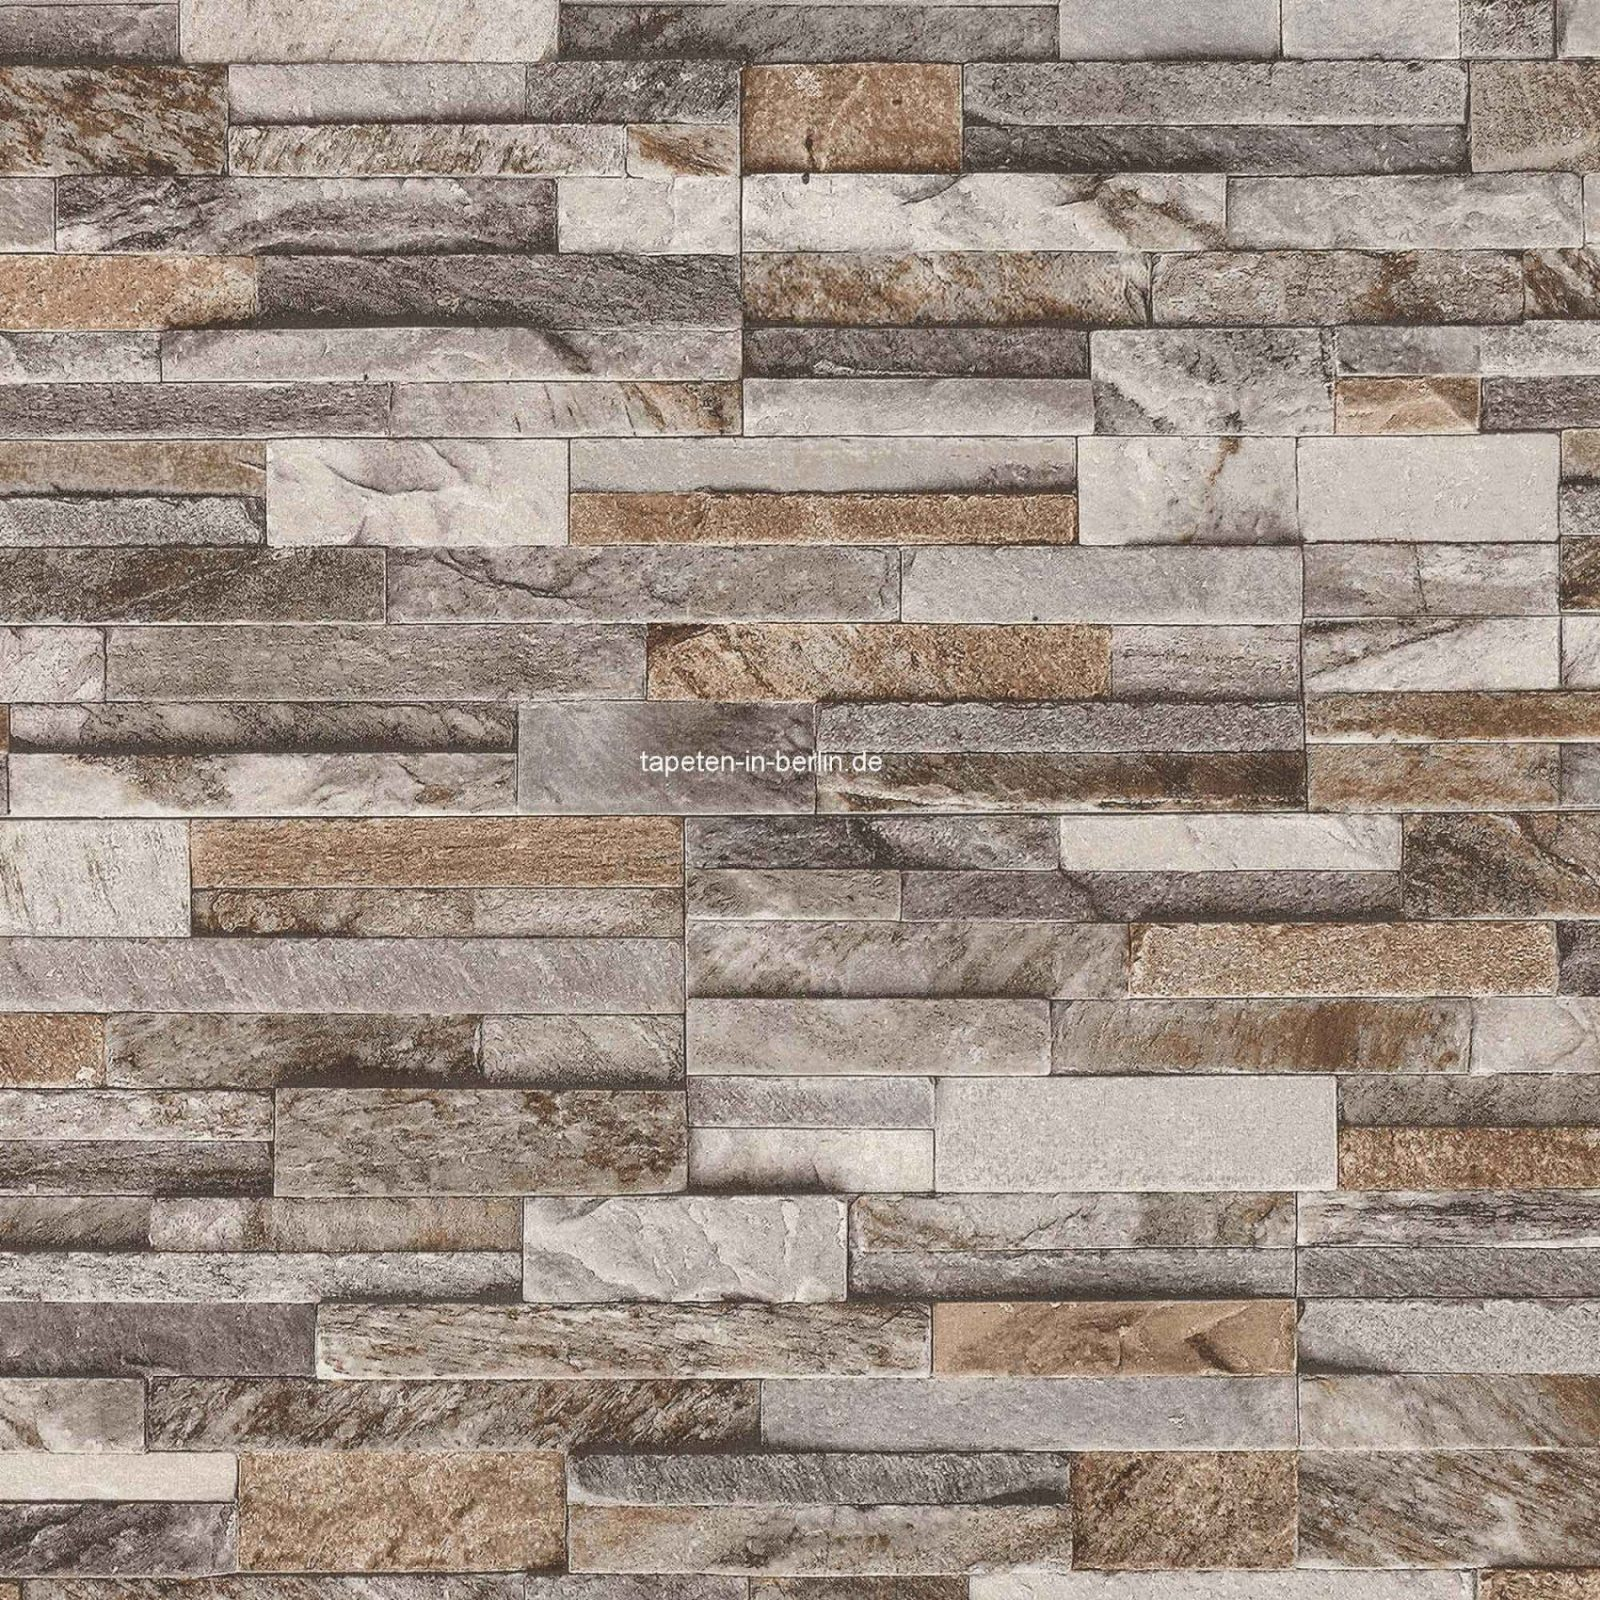 Intelligente Ideen Tapeten 3D Steinoptik Und Schöne Steintapeten In von Stein Tapete 3D Wohnzimmer Bild